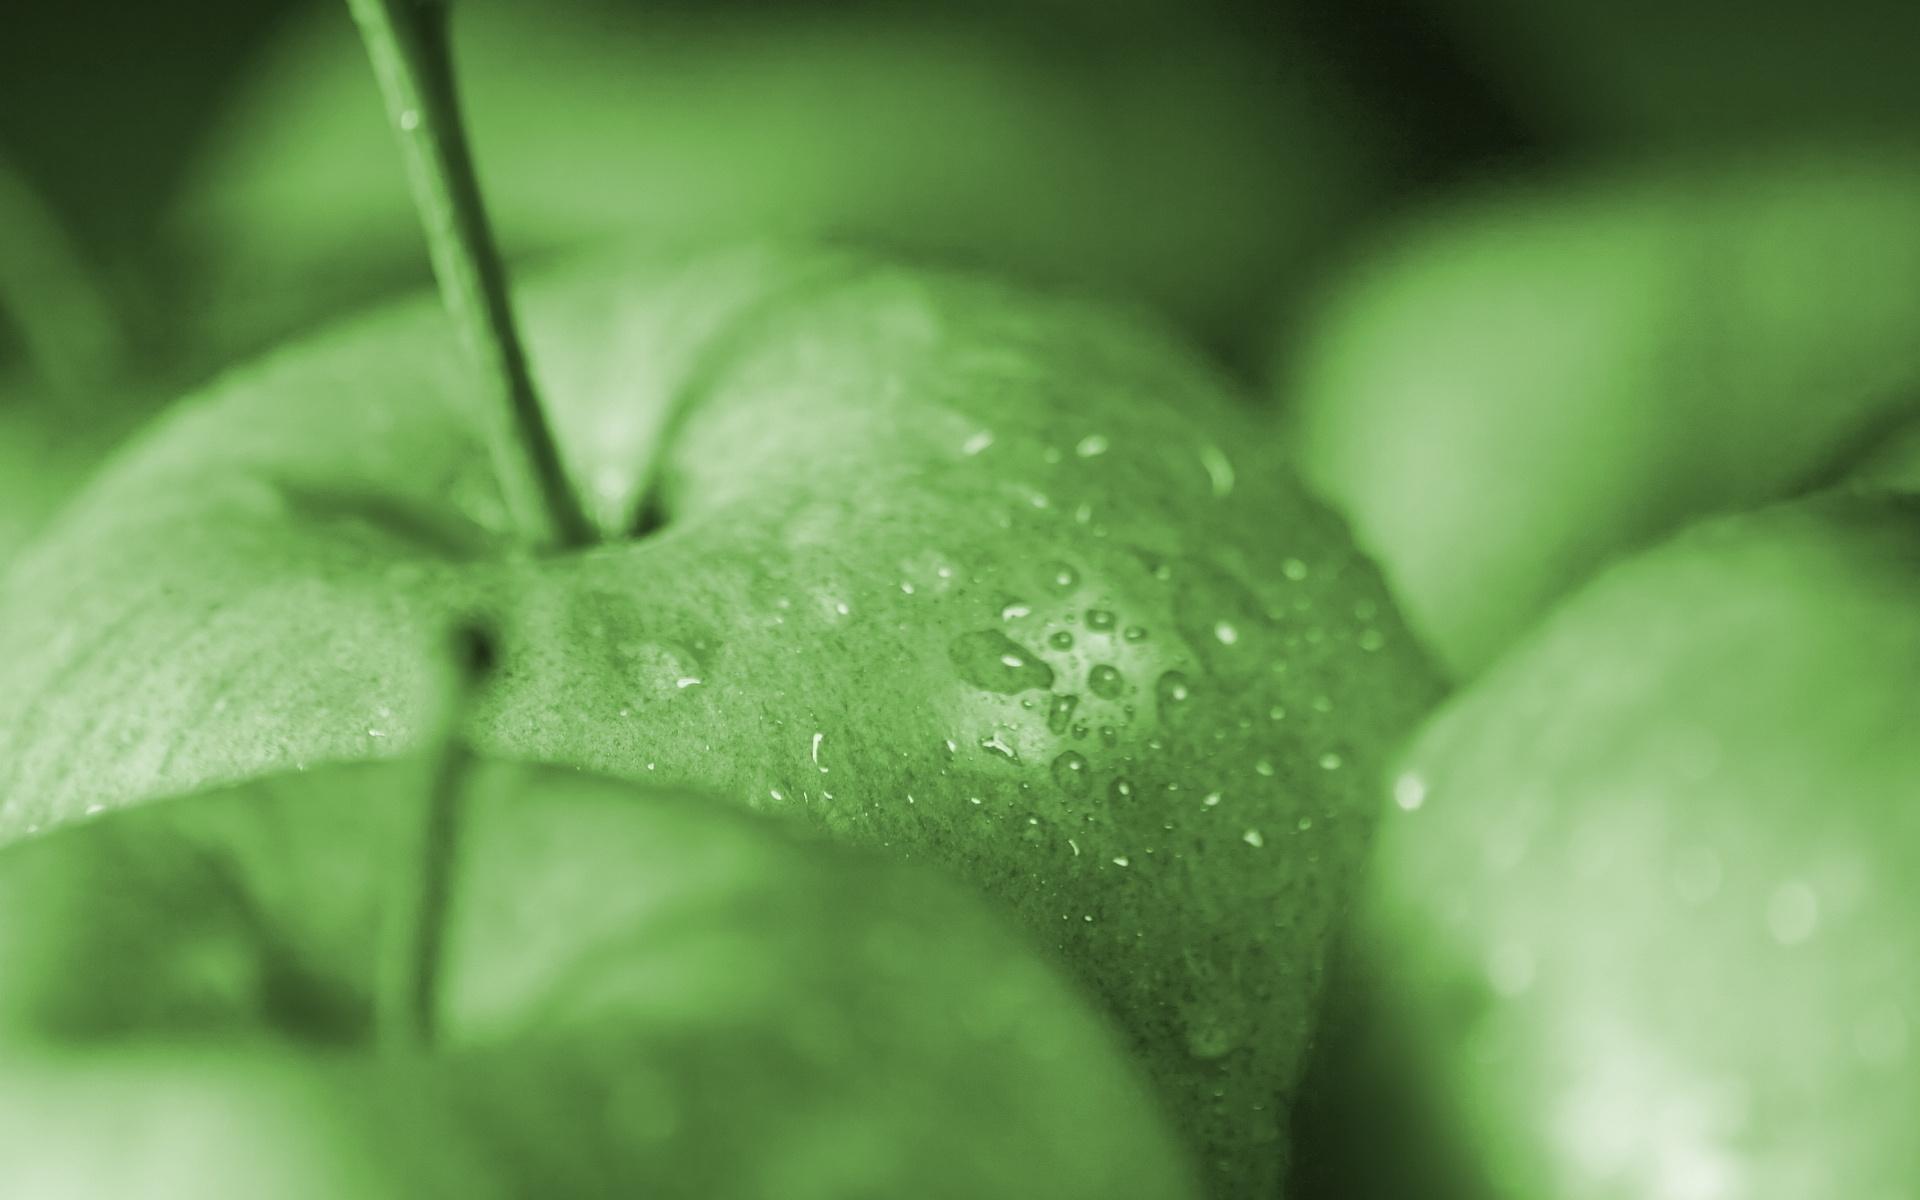 эти бега картинки на рабочий стол с зеленым цветом тебя